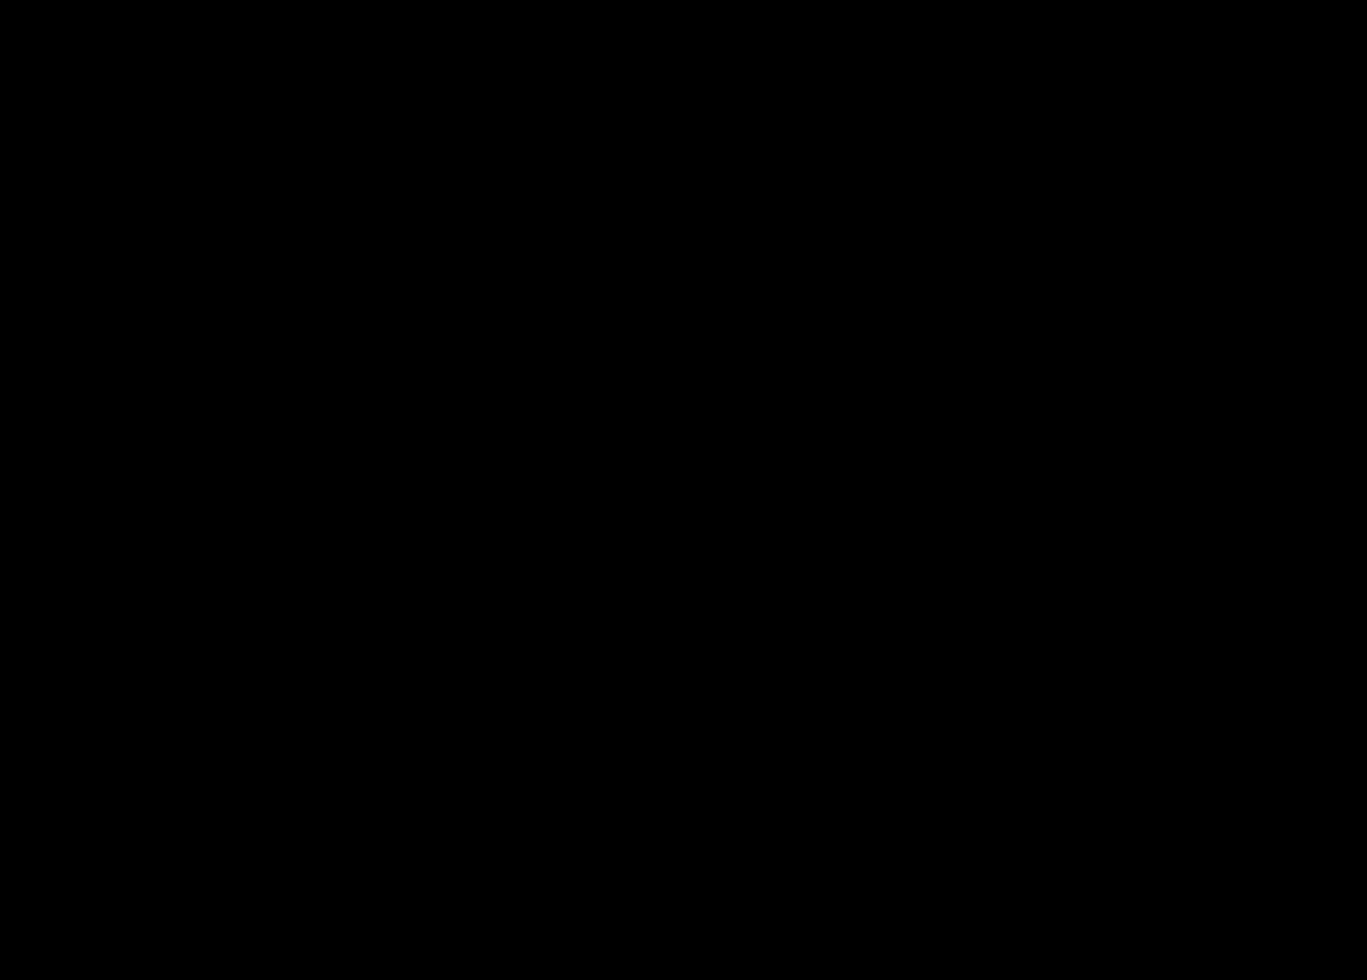 bandera png